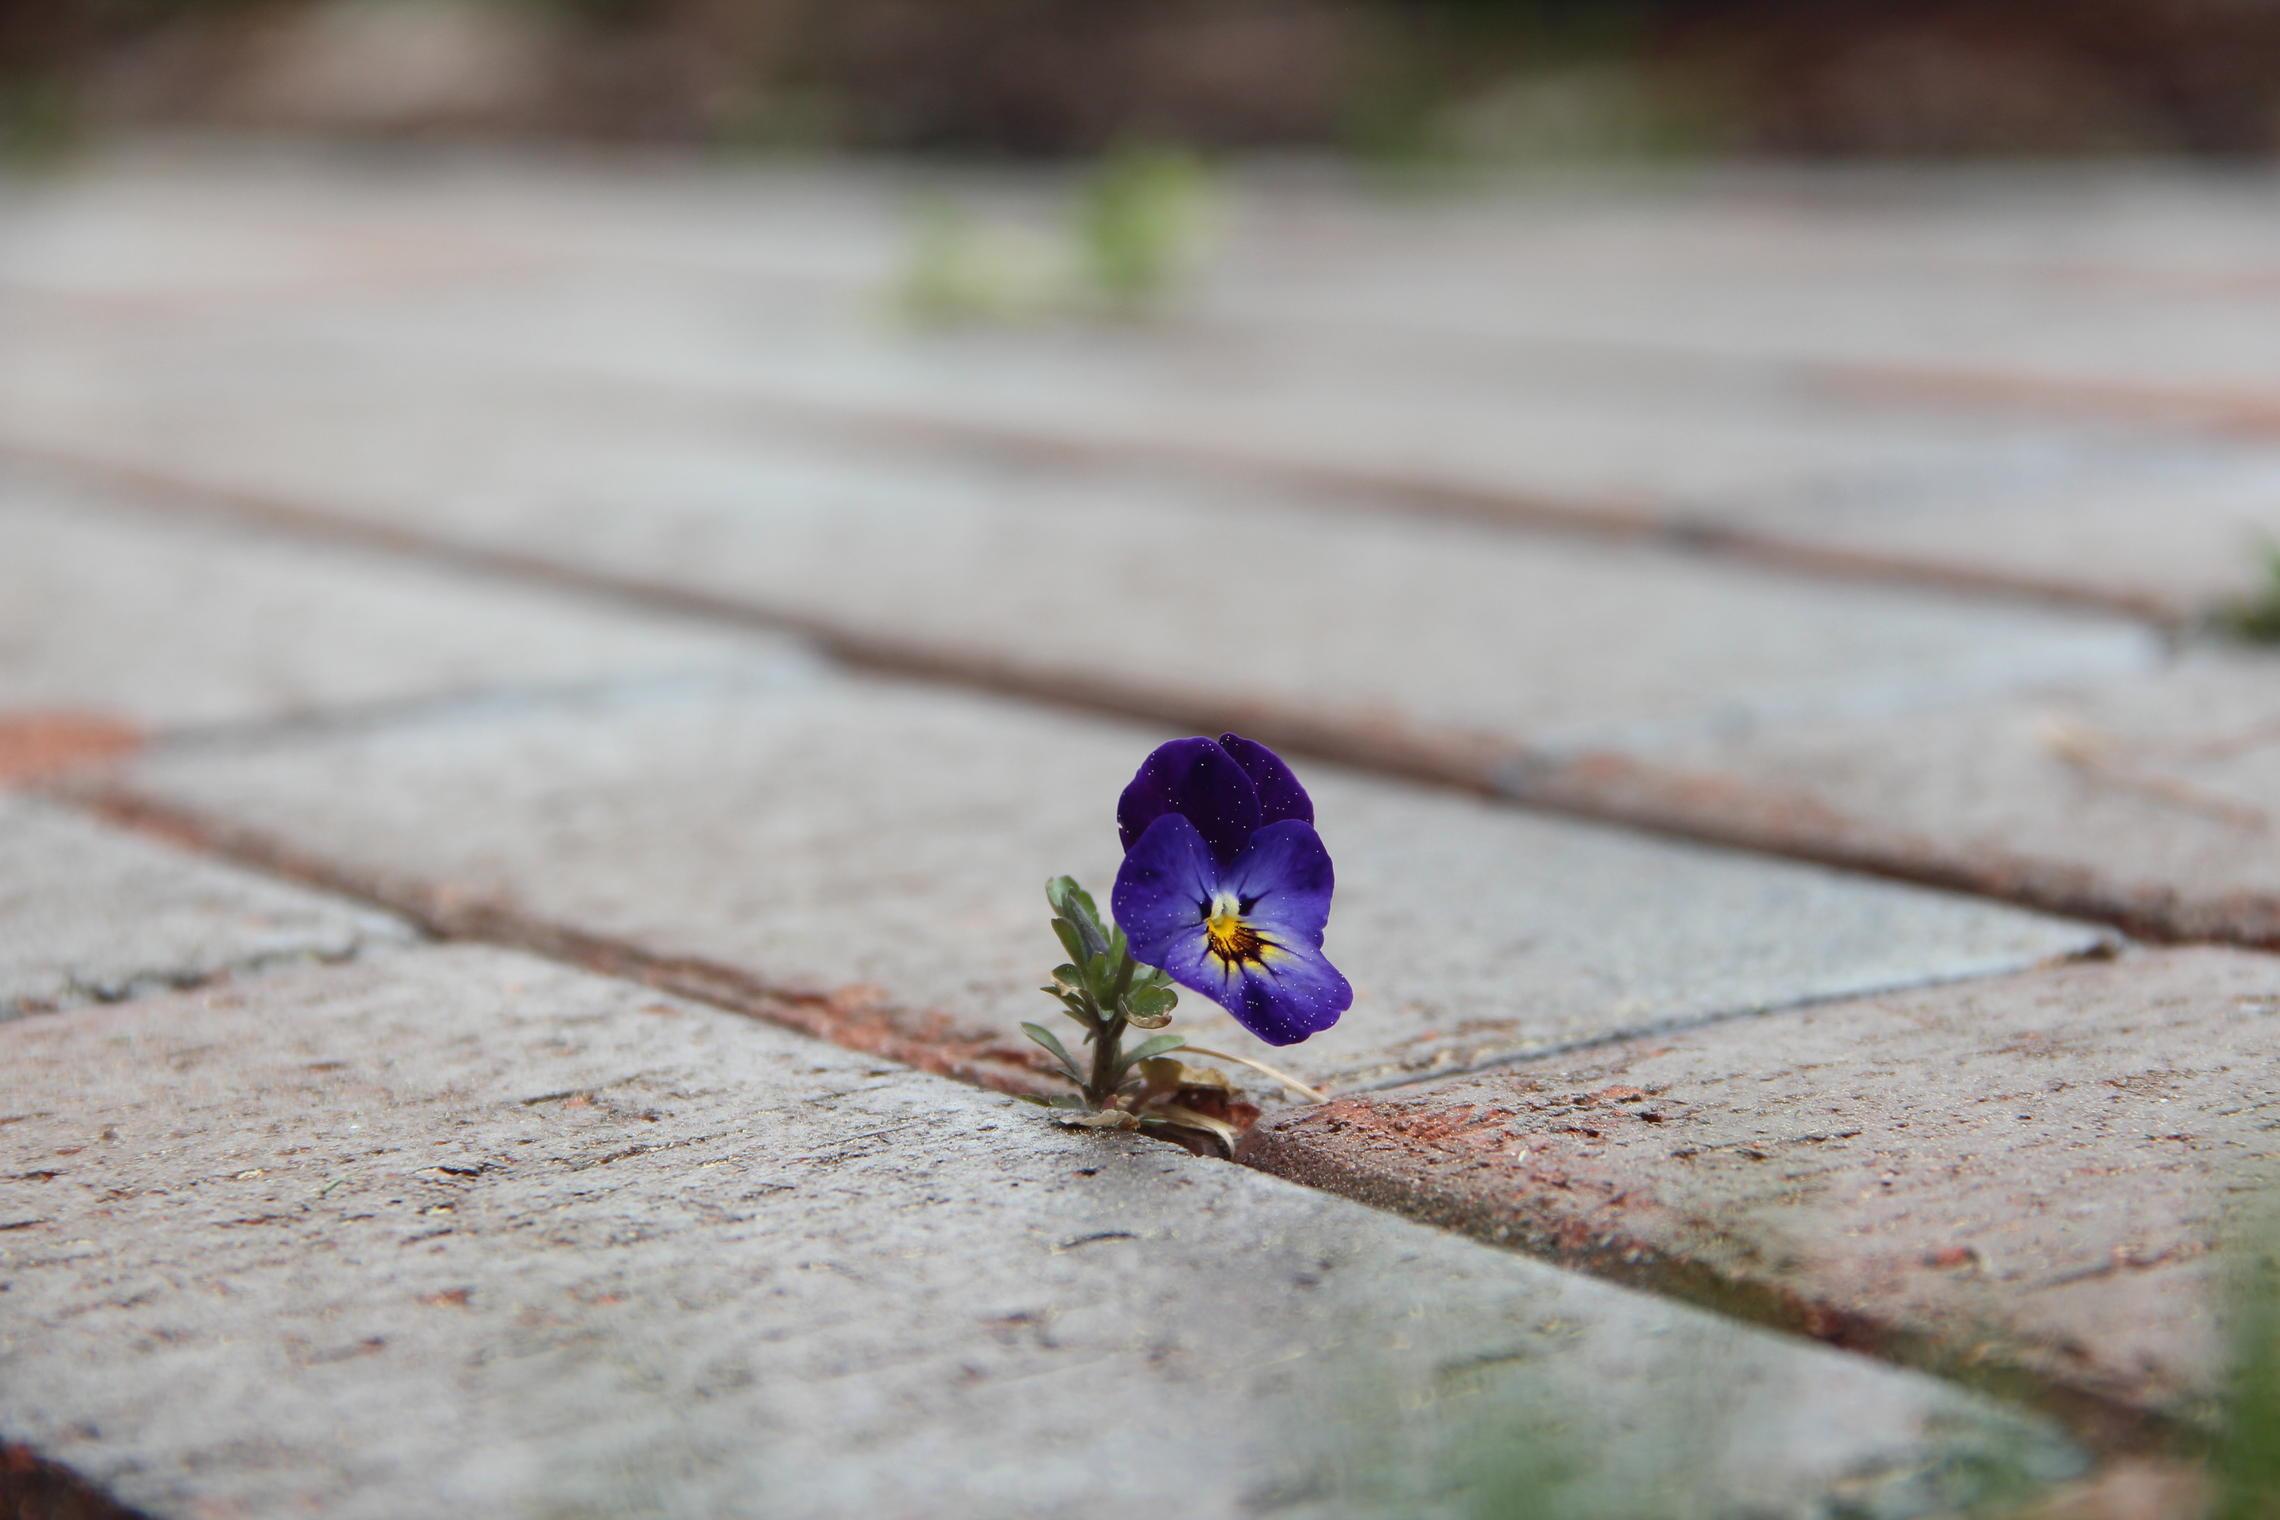 просто красивые картинки цветок из асфальта мод